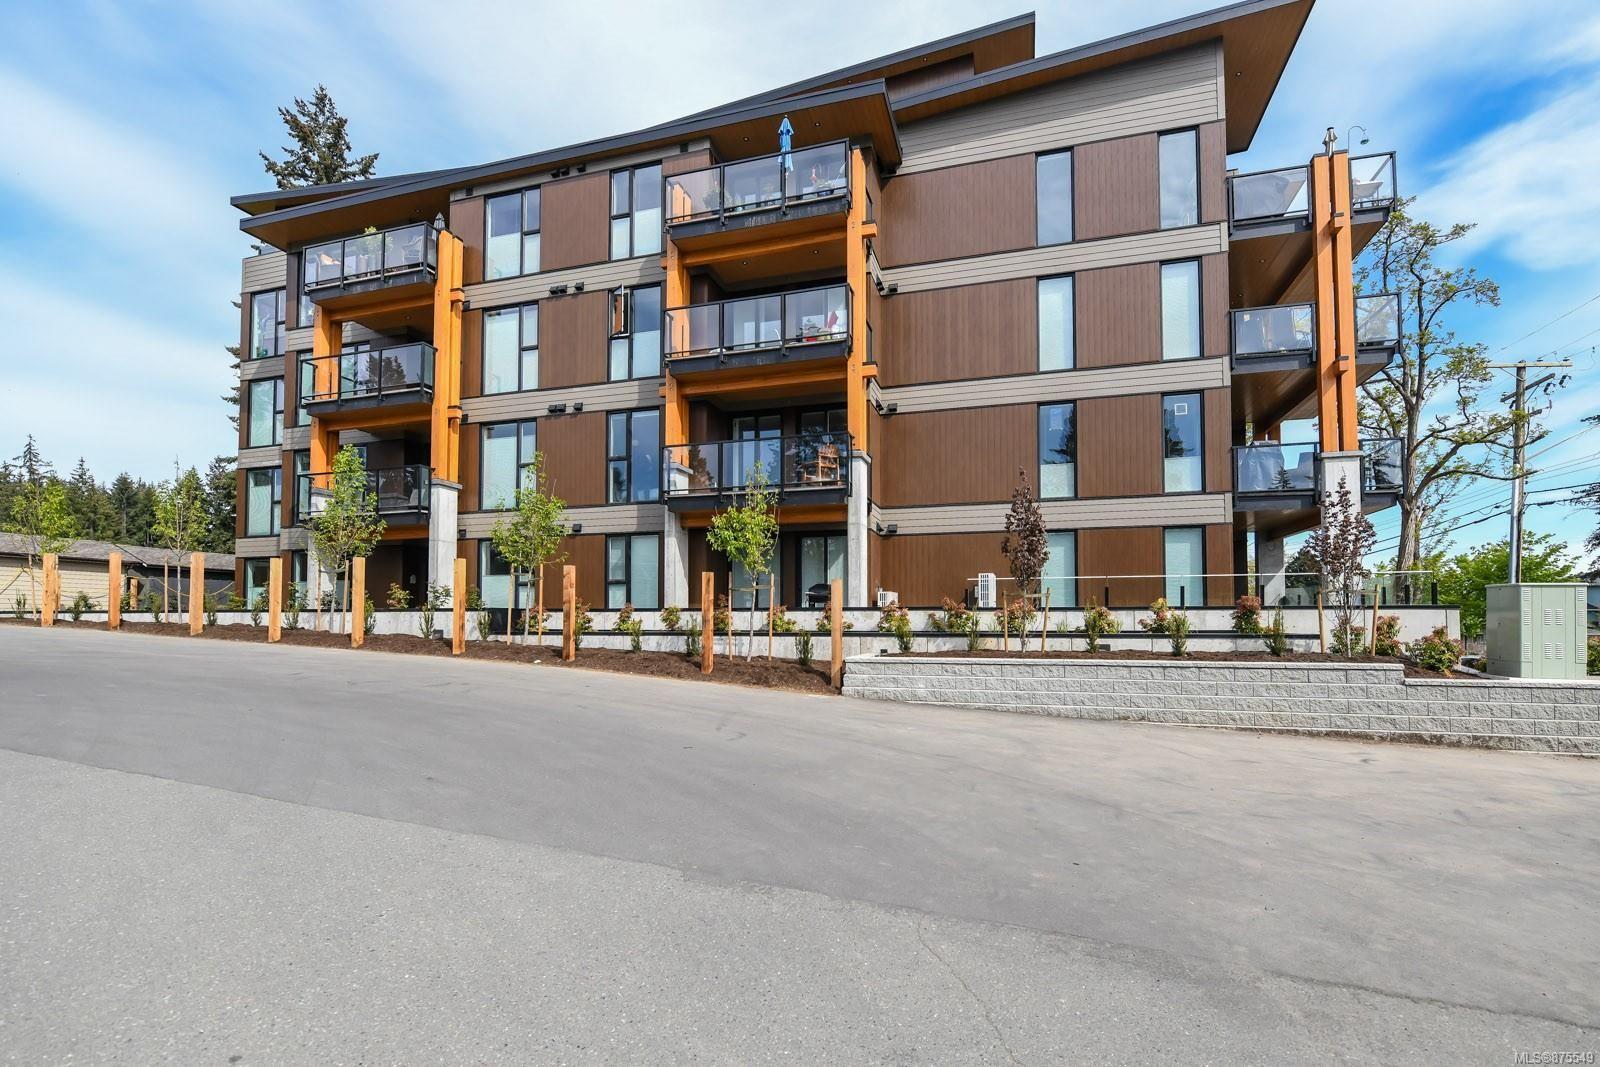 Main Photo: 202 1700 Balmoral Ave in : CV Comox (Town of) Condo for sale (Comox Valley)  : MLS®# 875549